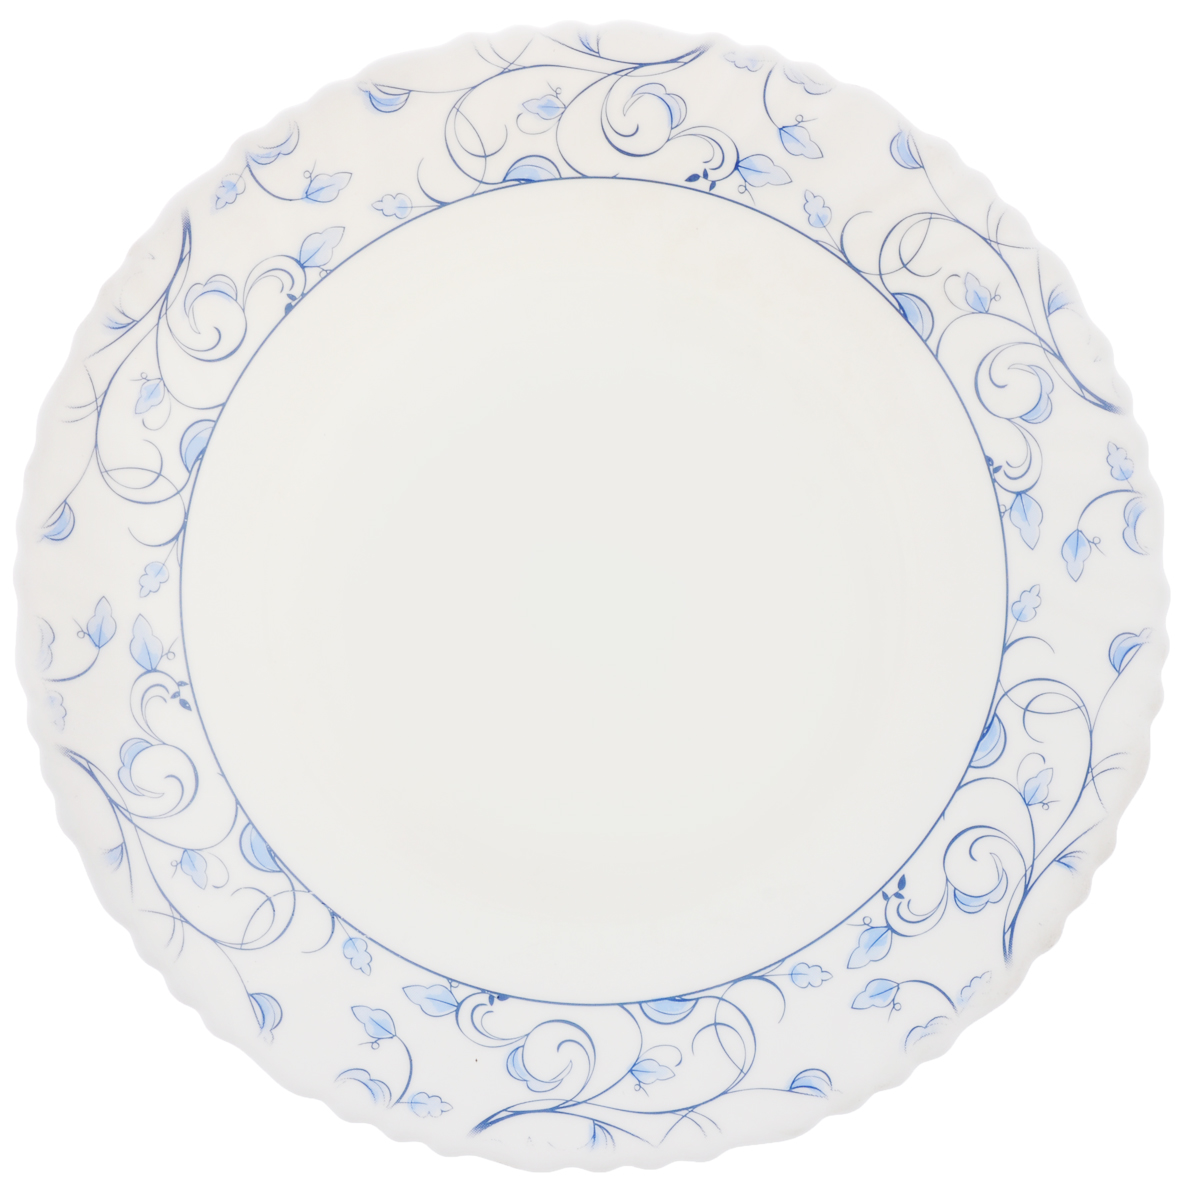 Тарелка обеденная Chinbull Нормандия, диаметр 24 смOLHP-95/310Обеденная тарелка Chinbull Нормандия, изготовленная из высококачественной стеклокерамики, украшена ярким цветочным рисунком. Изящный дизайн придется по вкусу и ценителям классики, и тем, кто предпочитает утонченность. Тарелка Chinbull Нормандия идеально подойдет для сервировки стола и станет отличным подарком к любому празднику.Диаметр (по верхнему краю): 24 см.